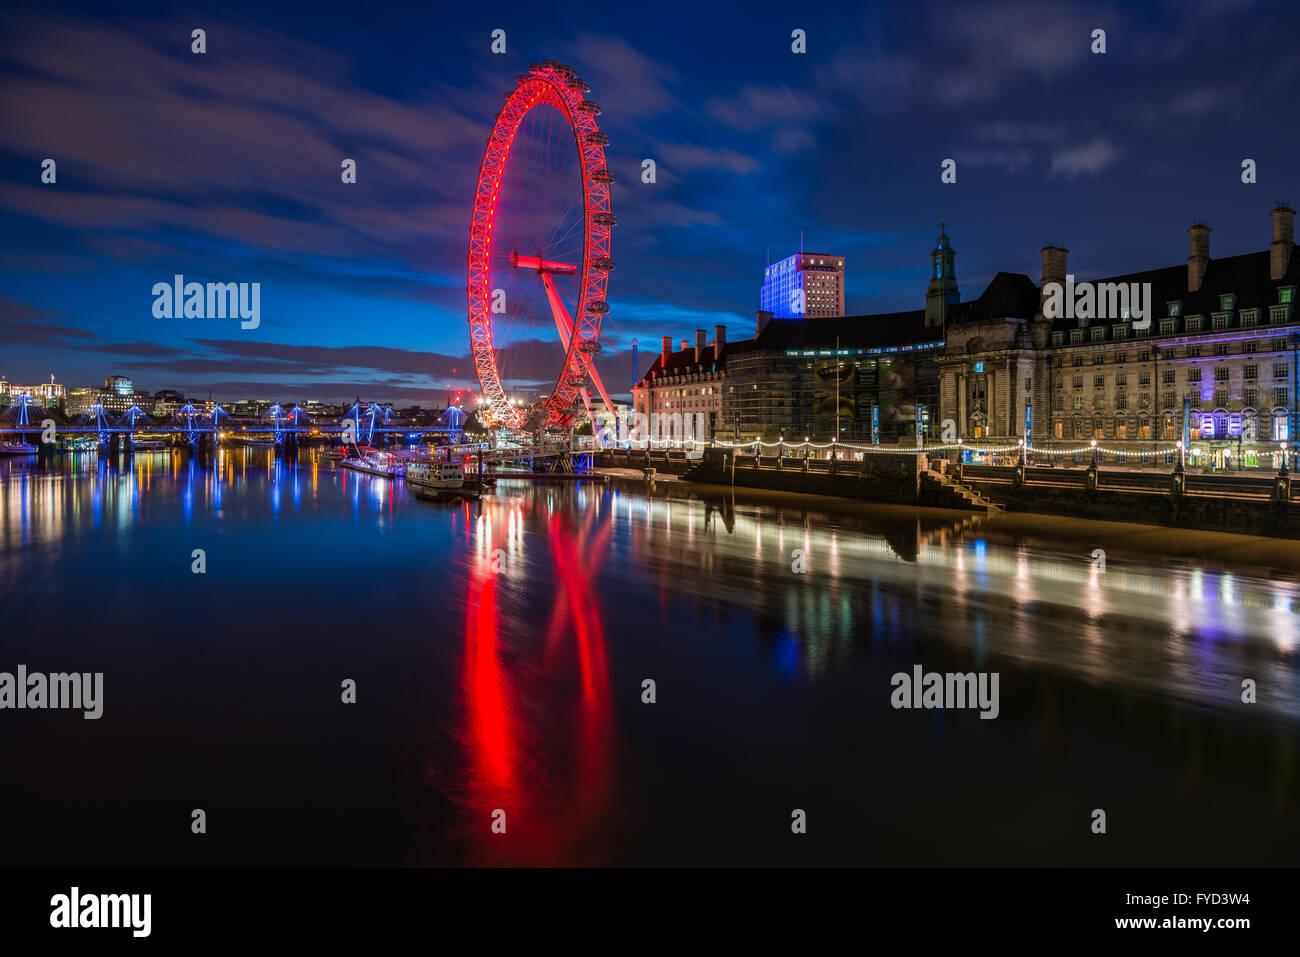 Le London Eye, Southbank, vu depuis le pont de Westminster, Londres, Royaume-Uni Photo Stock